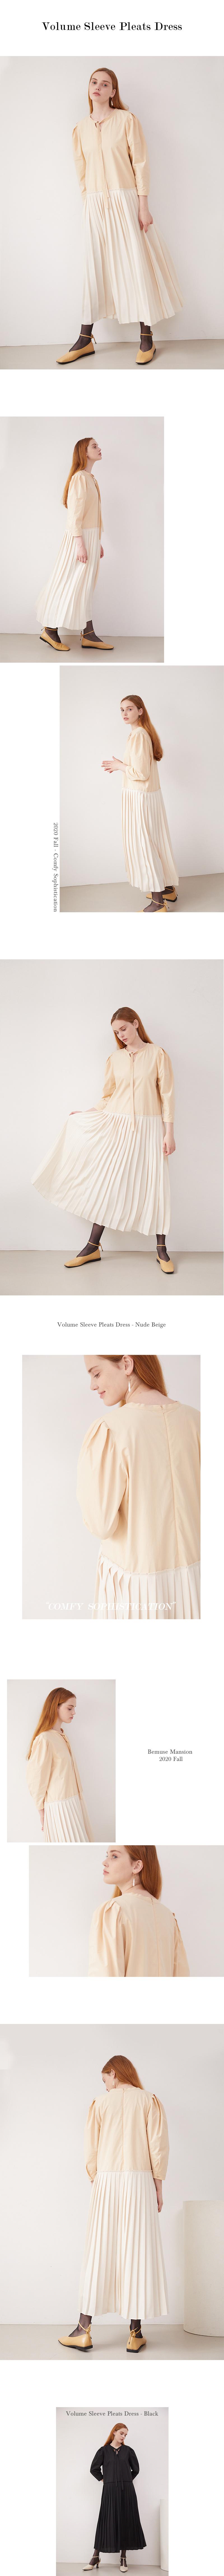 비뮤즈맨션(BEMUSE MANSION) Volume sleeve pleats dress - Nude beige